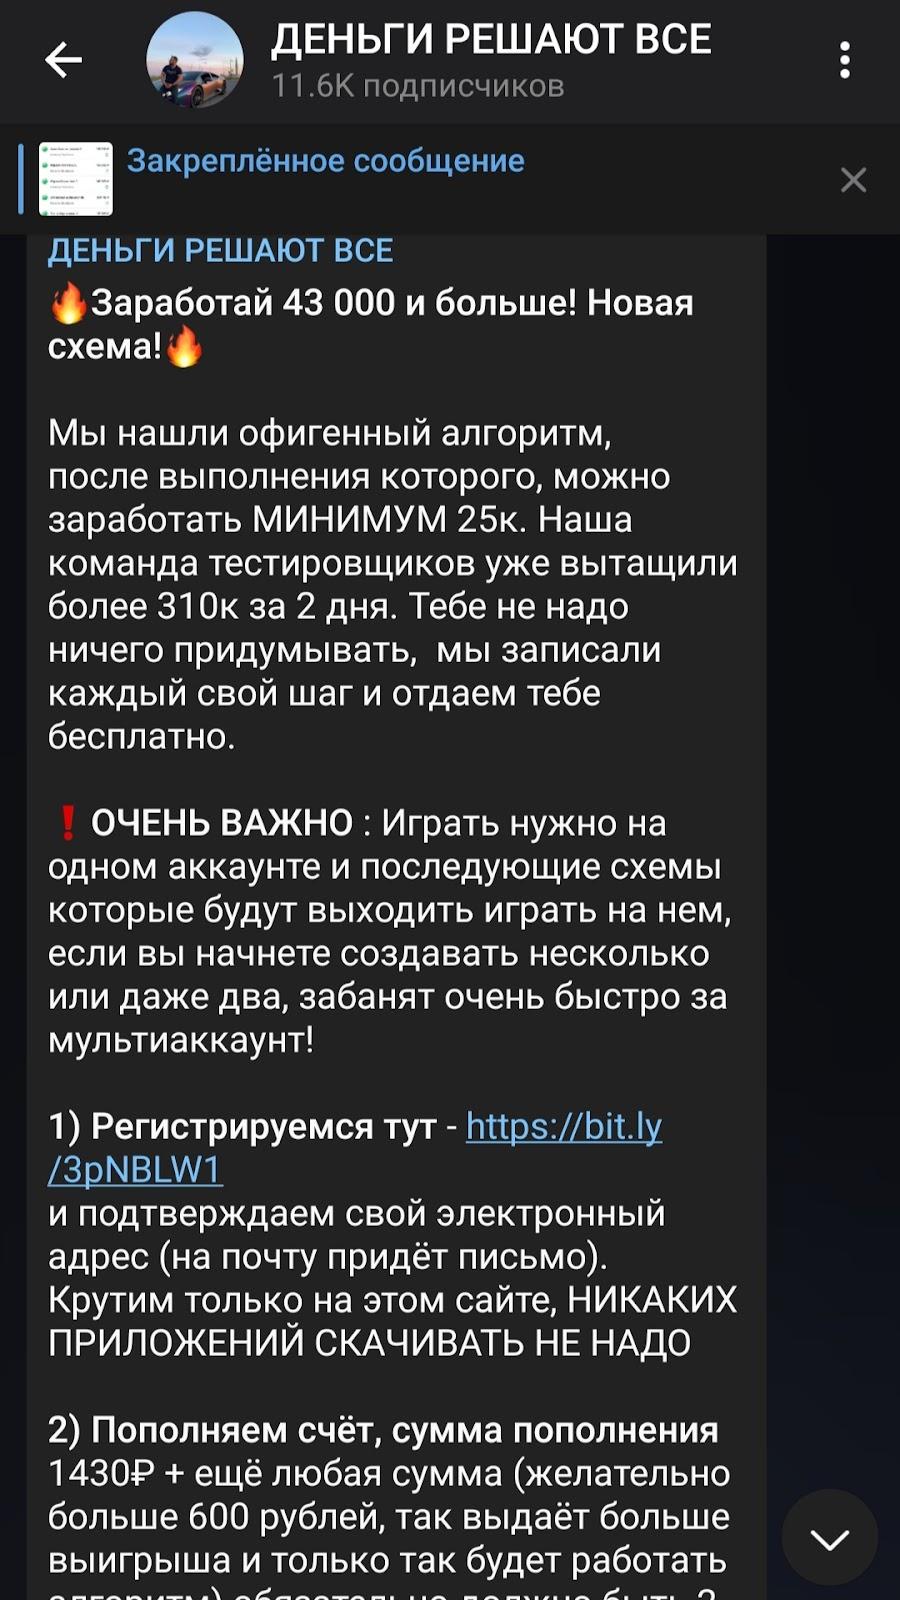 Telegram канал Деньги решают всё   ALEX - схемы взлома казино